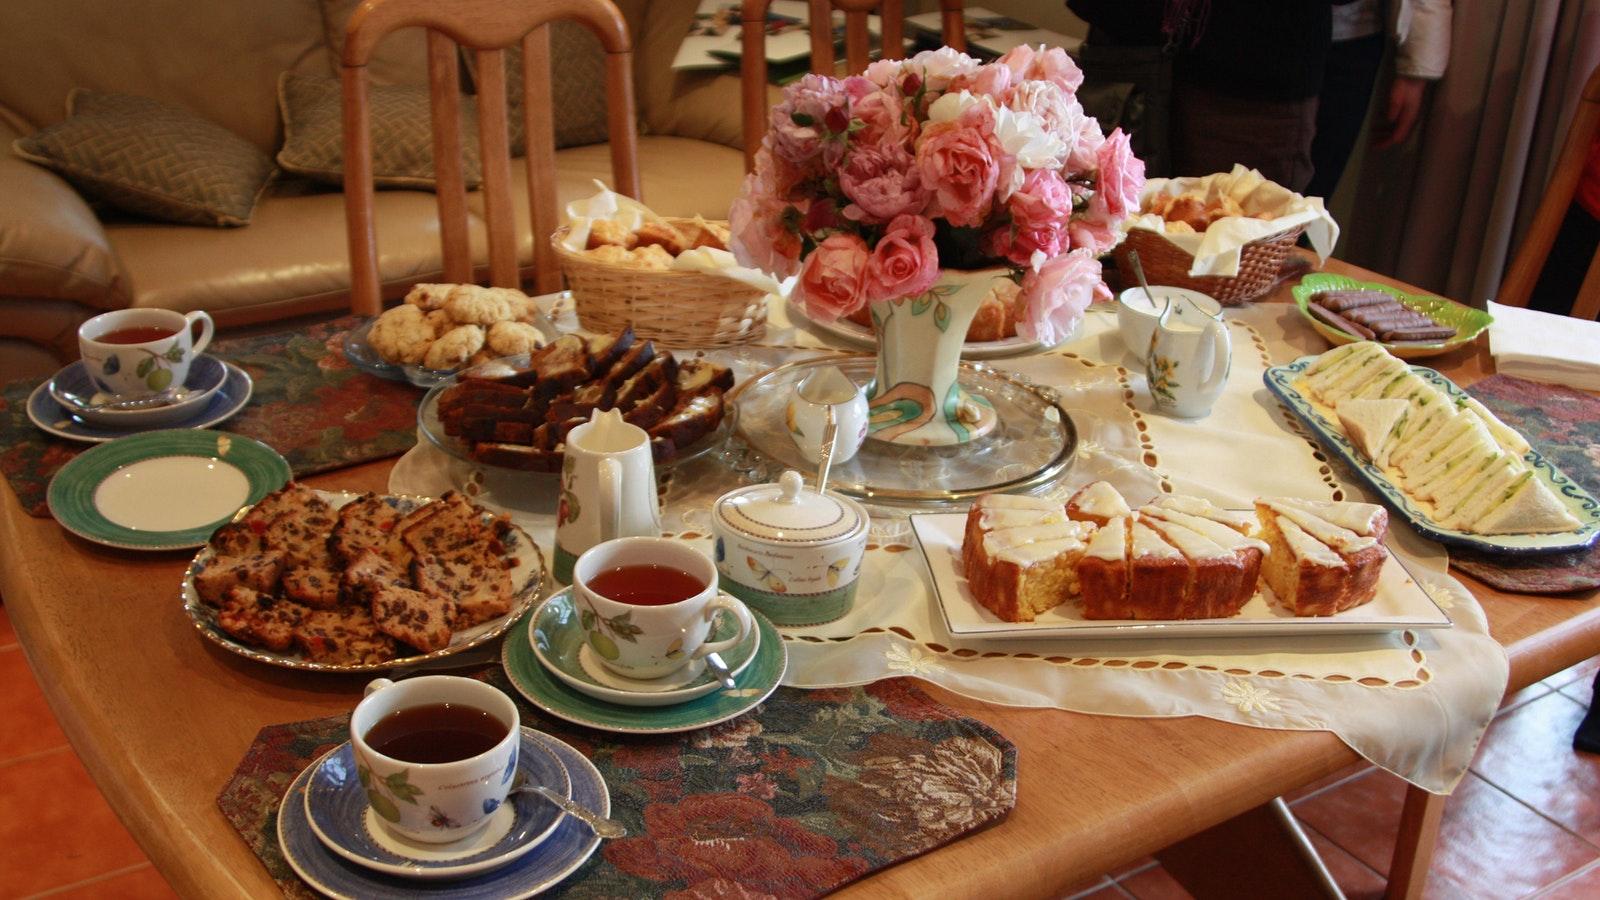 Delicious afternoon tea